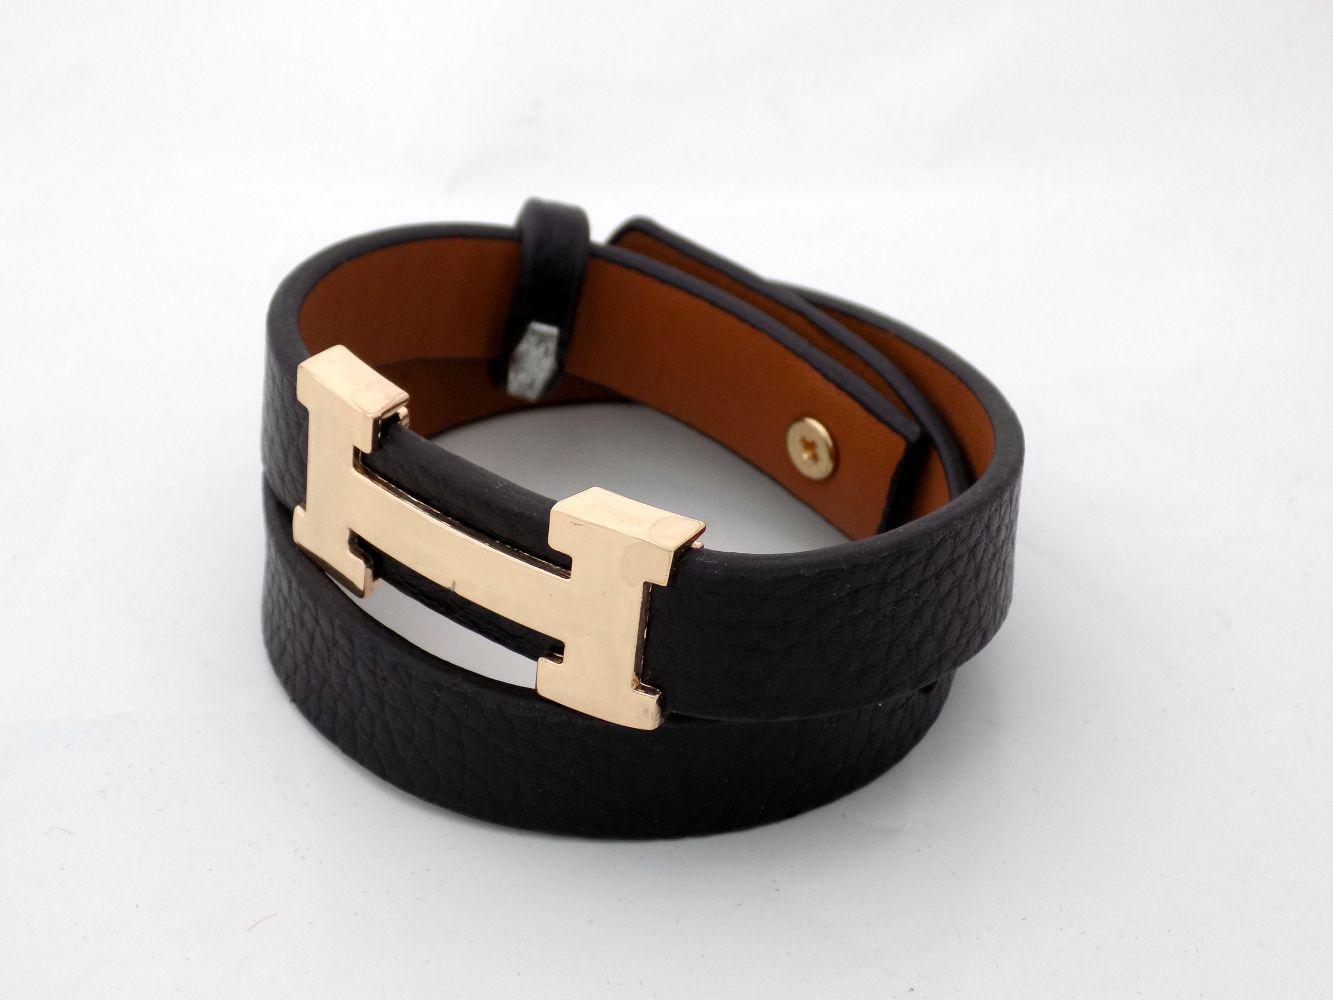 دستبند دخترانه چرمی فری سایز با رویه استیل طلایی ds-n234 از نمای کنار